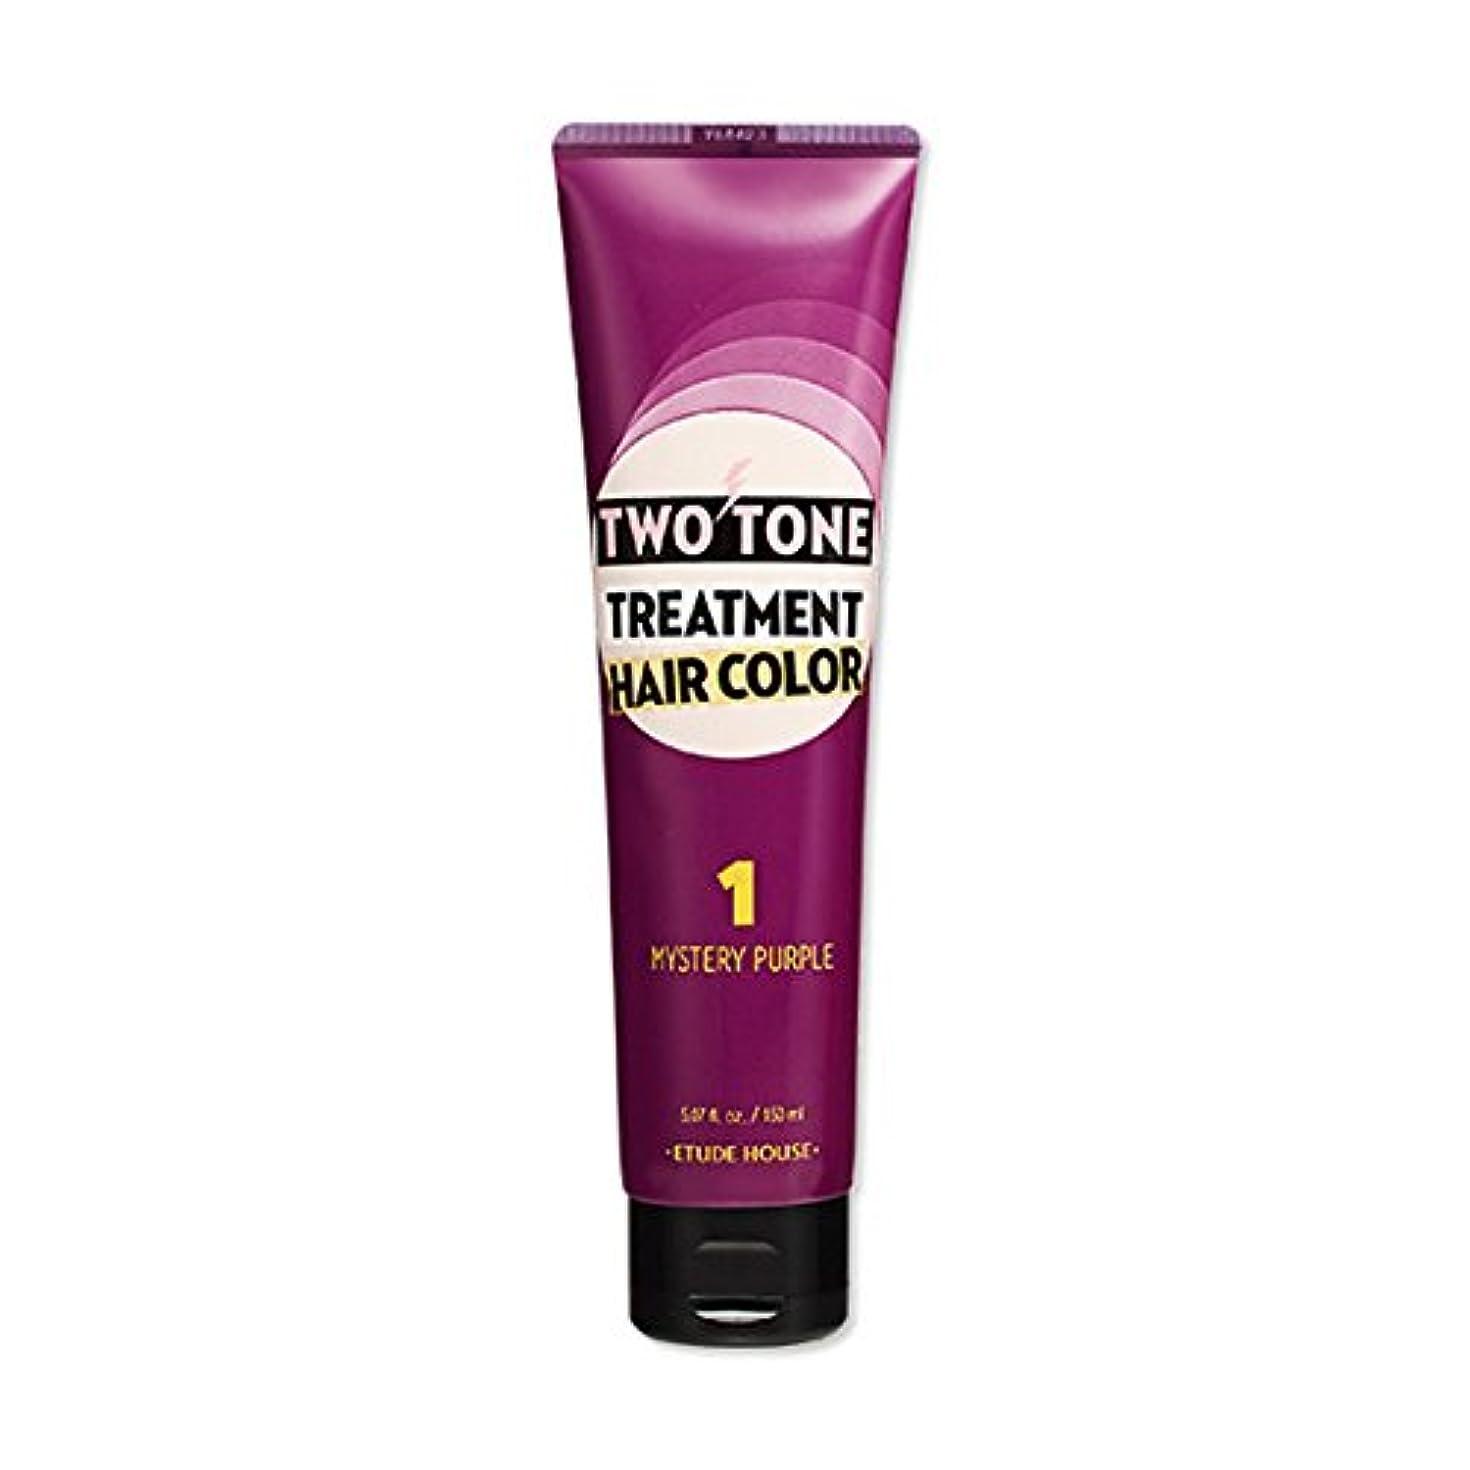 ストレッチ鉄変換ETUDE HOUSE Two Tone Treatment Hair Color 1.MYSTERY PURPLE / エチュードハウス ツートントリートメントヘアカラー150ml (1.MYSTERY PURPLE) [並行輸入品]